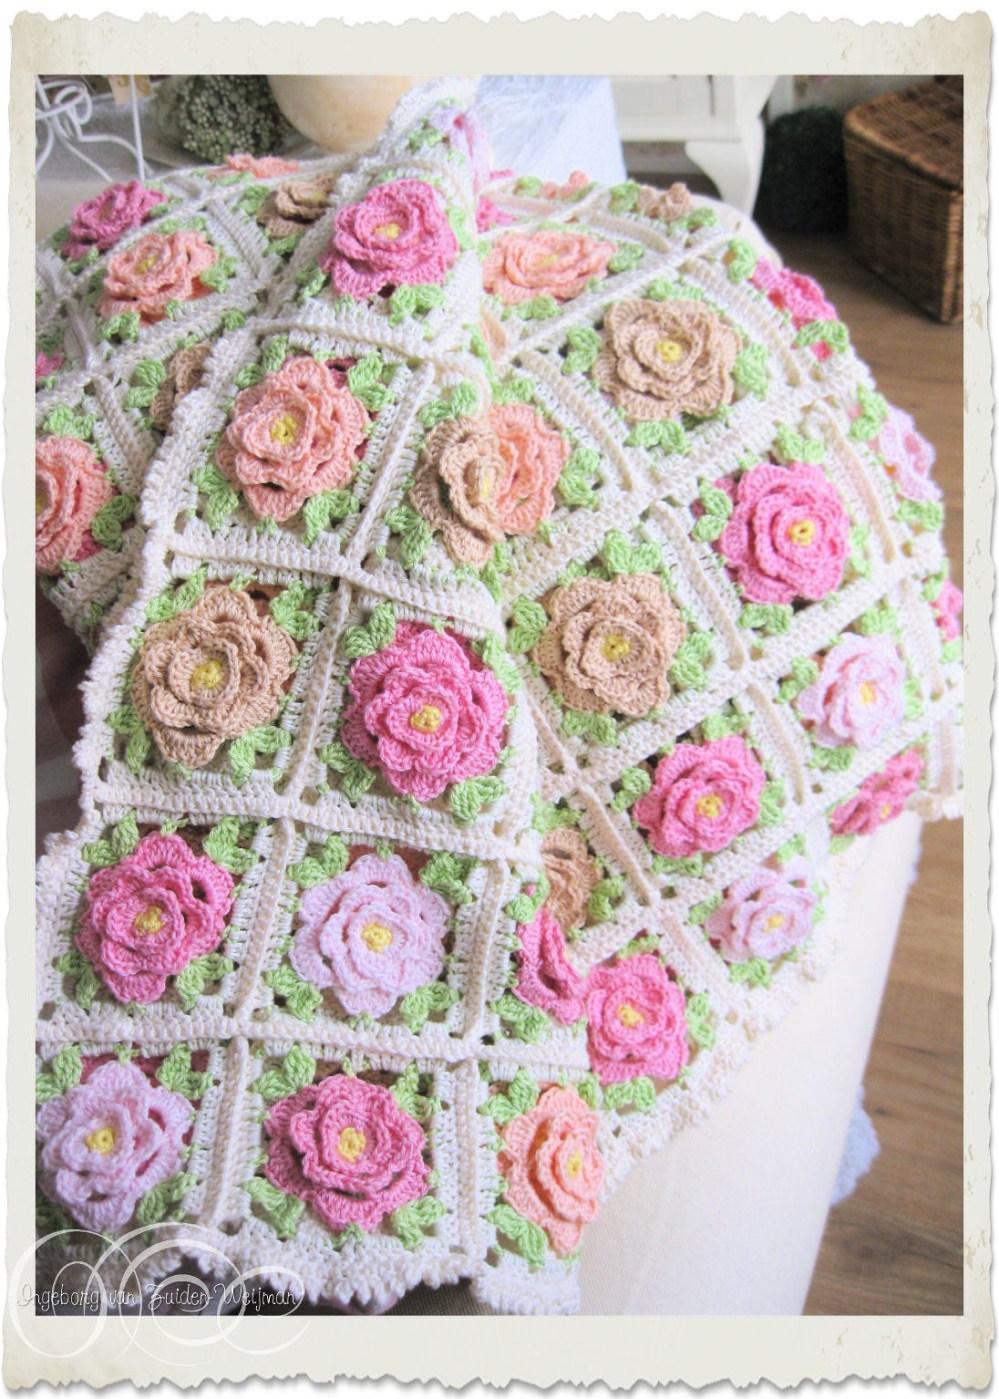 Handmade shabby chic roses crochet afghan by Ingeborg van Zuiden